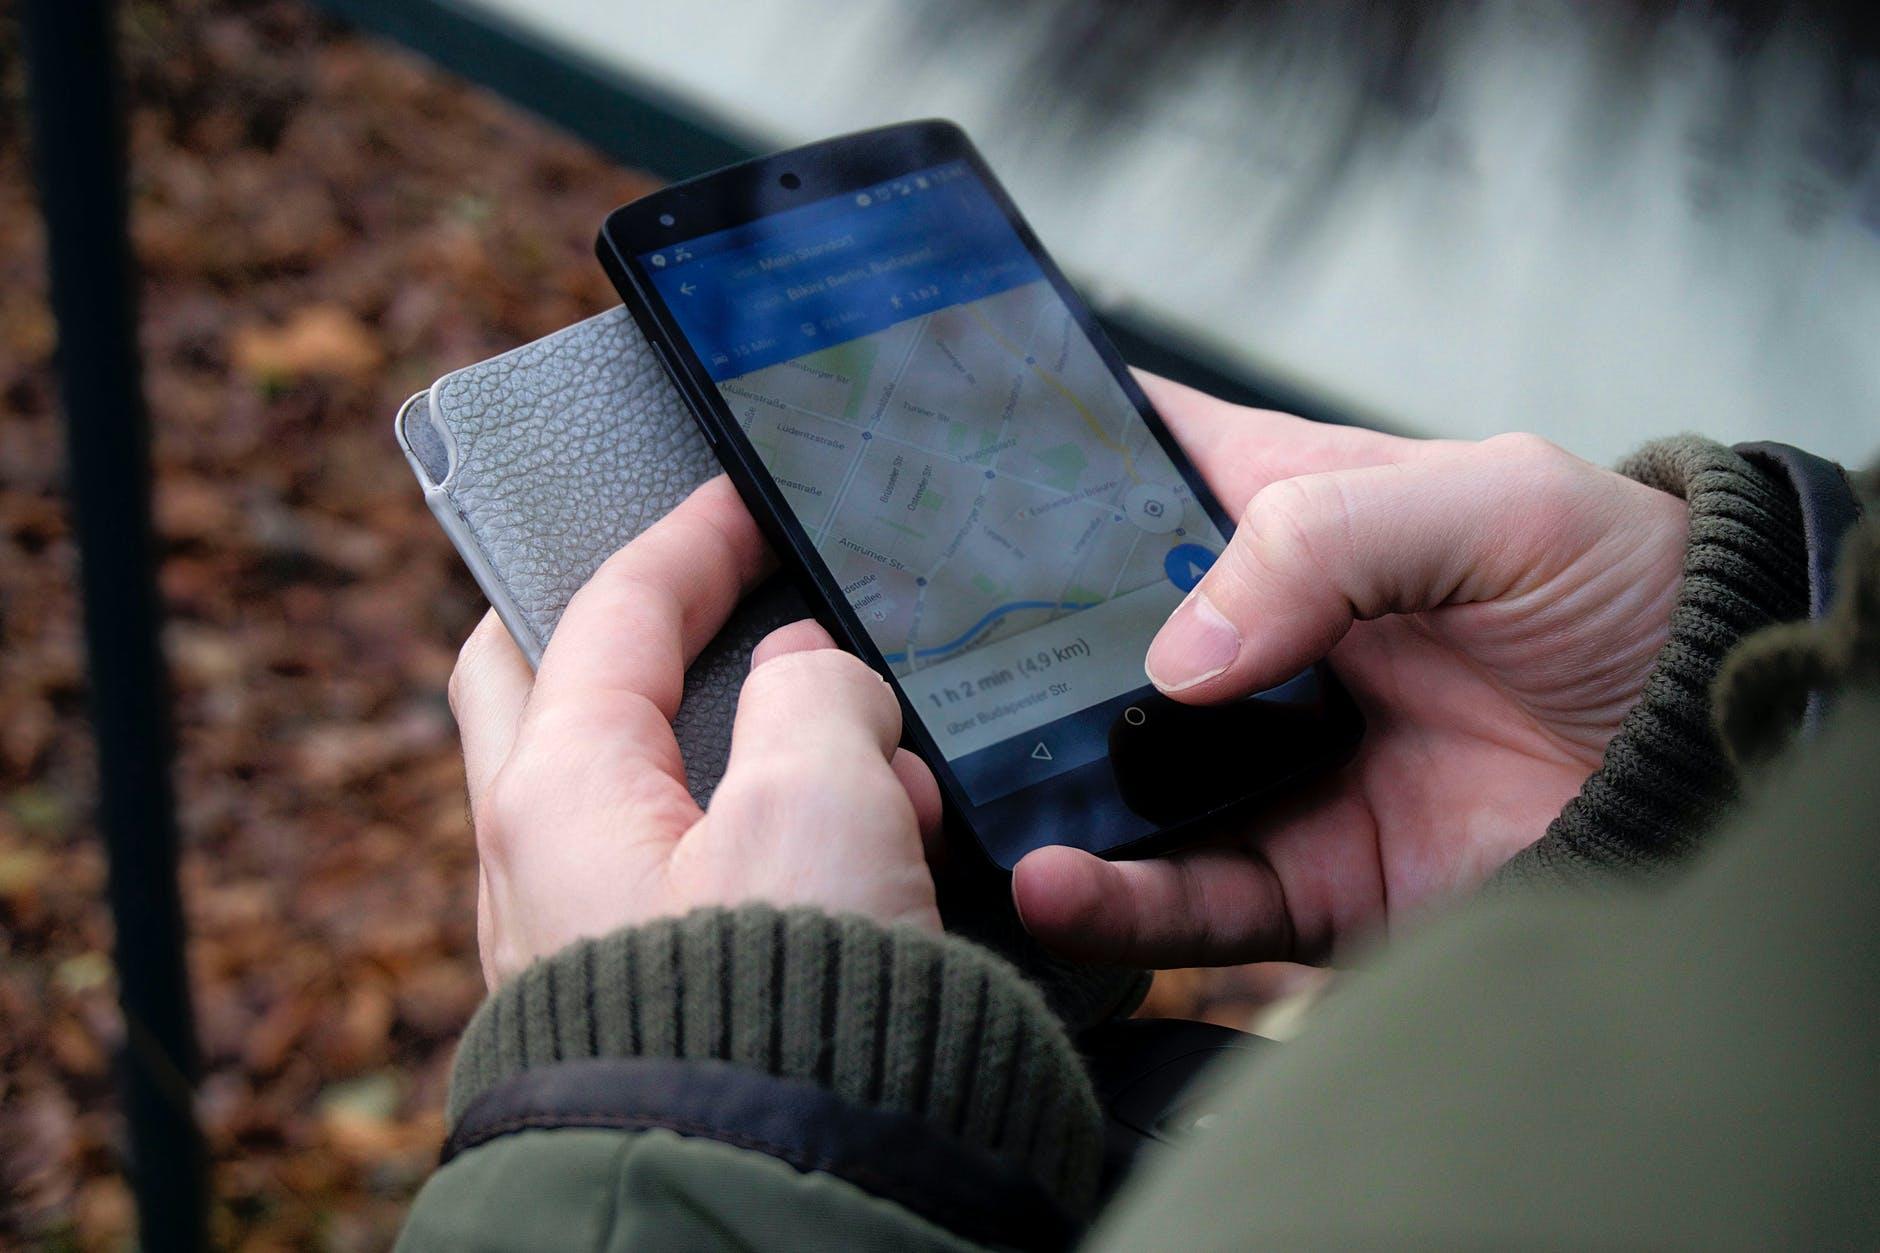 Descarga los mapas de Google Maps para verlos sin conexión